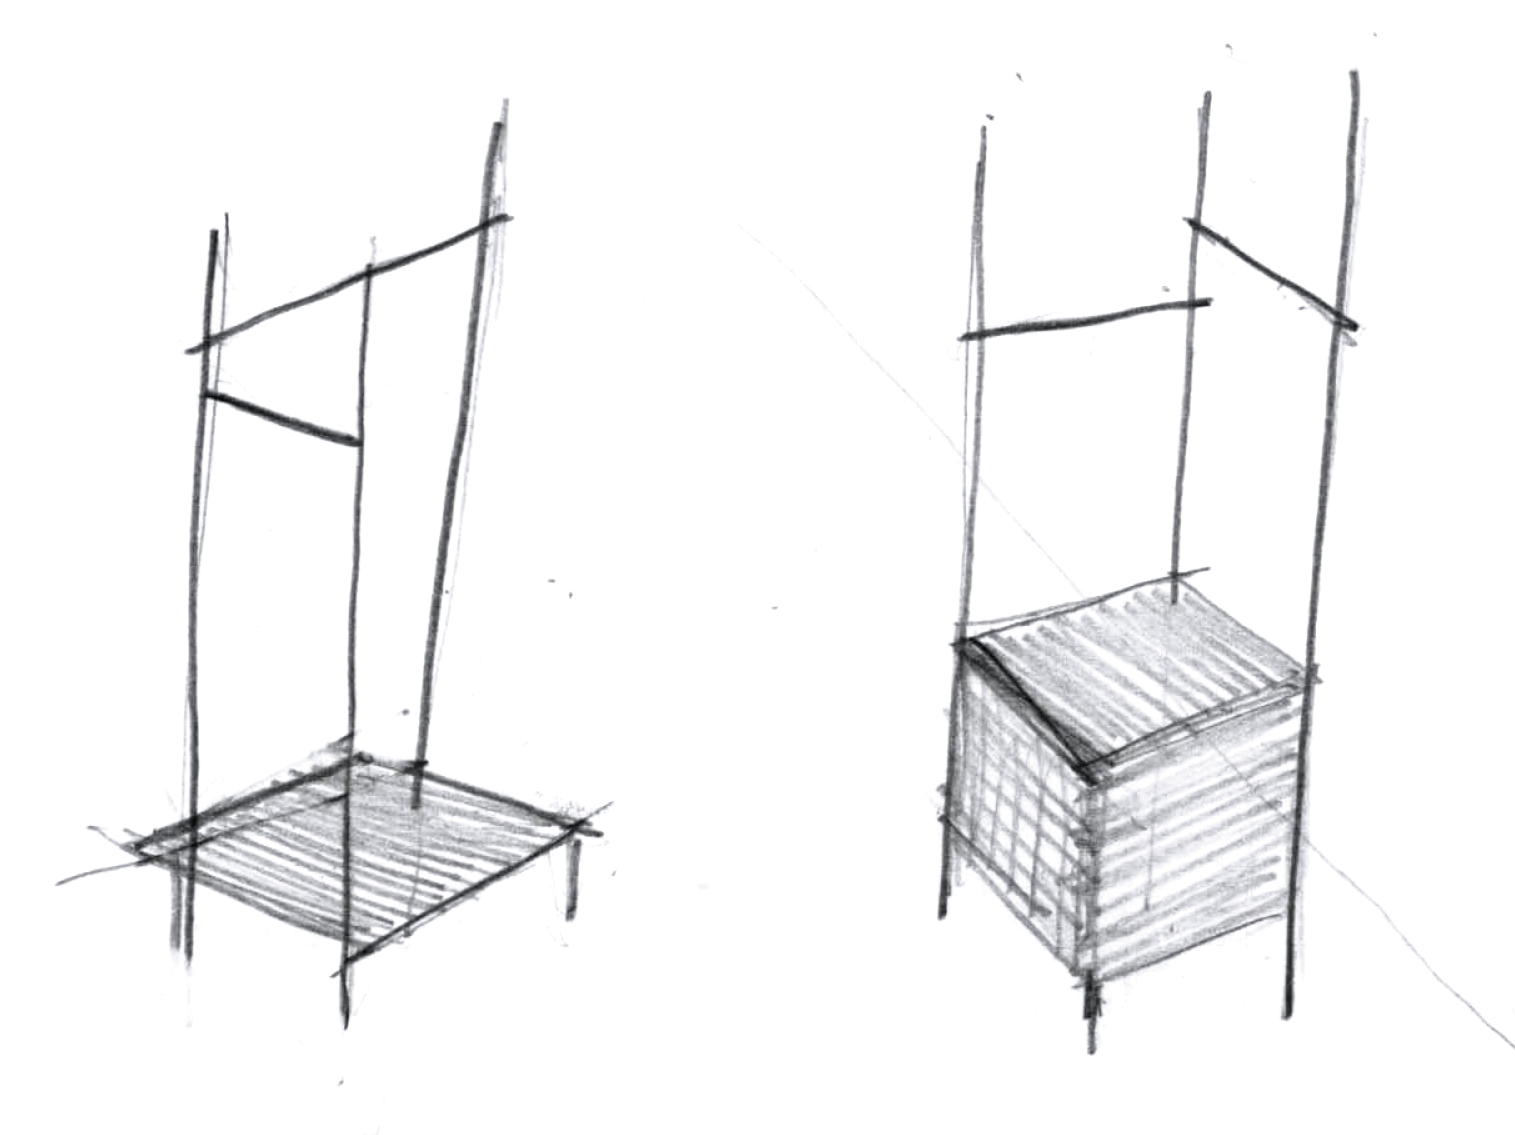 freestanding sketch (by Duccio Grassi) }